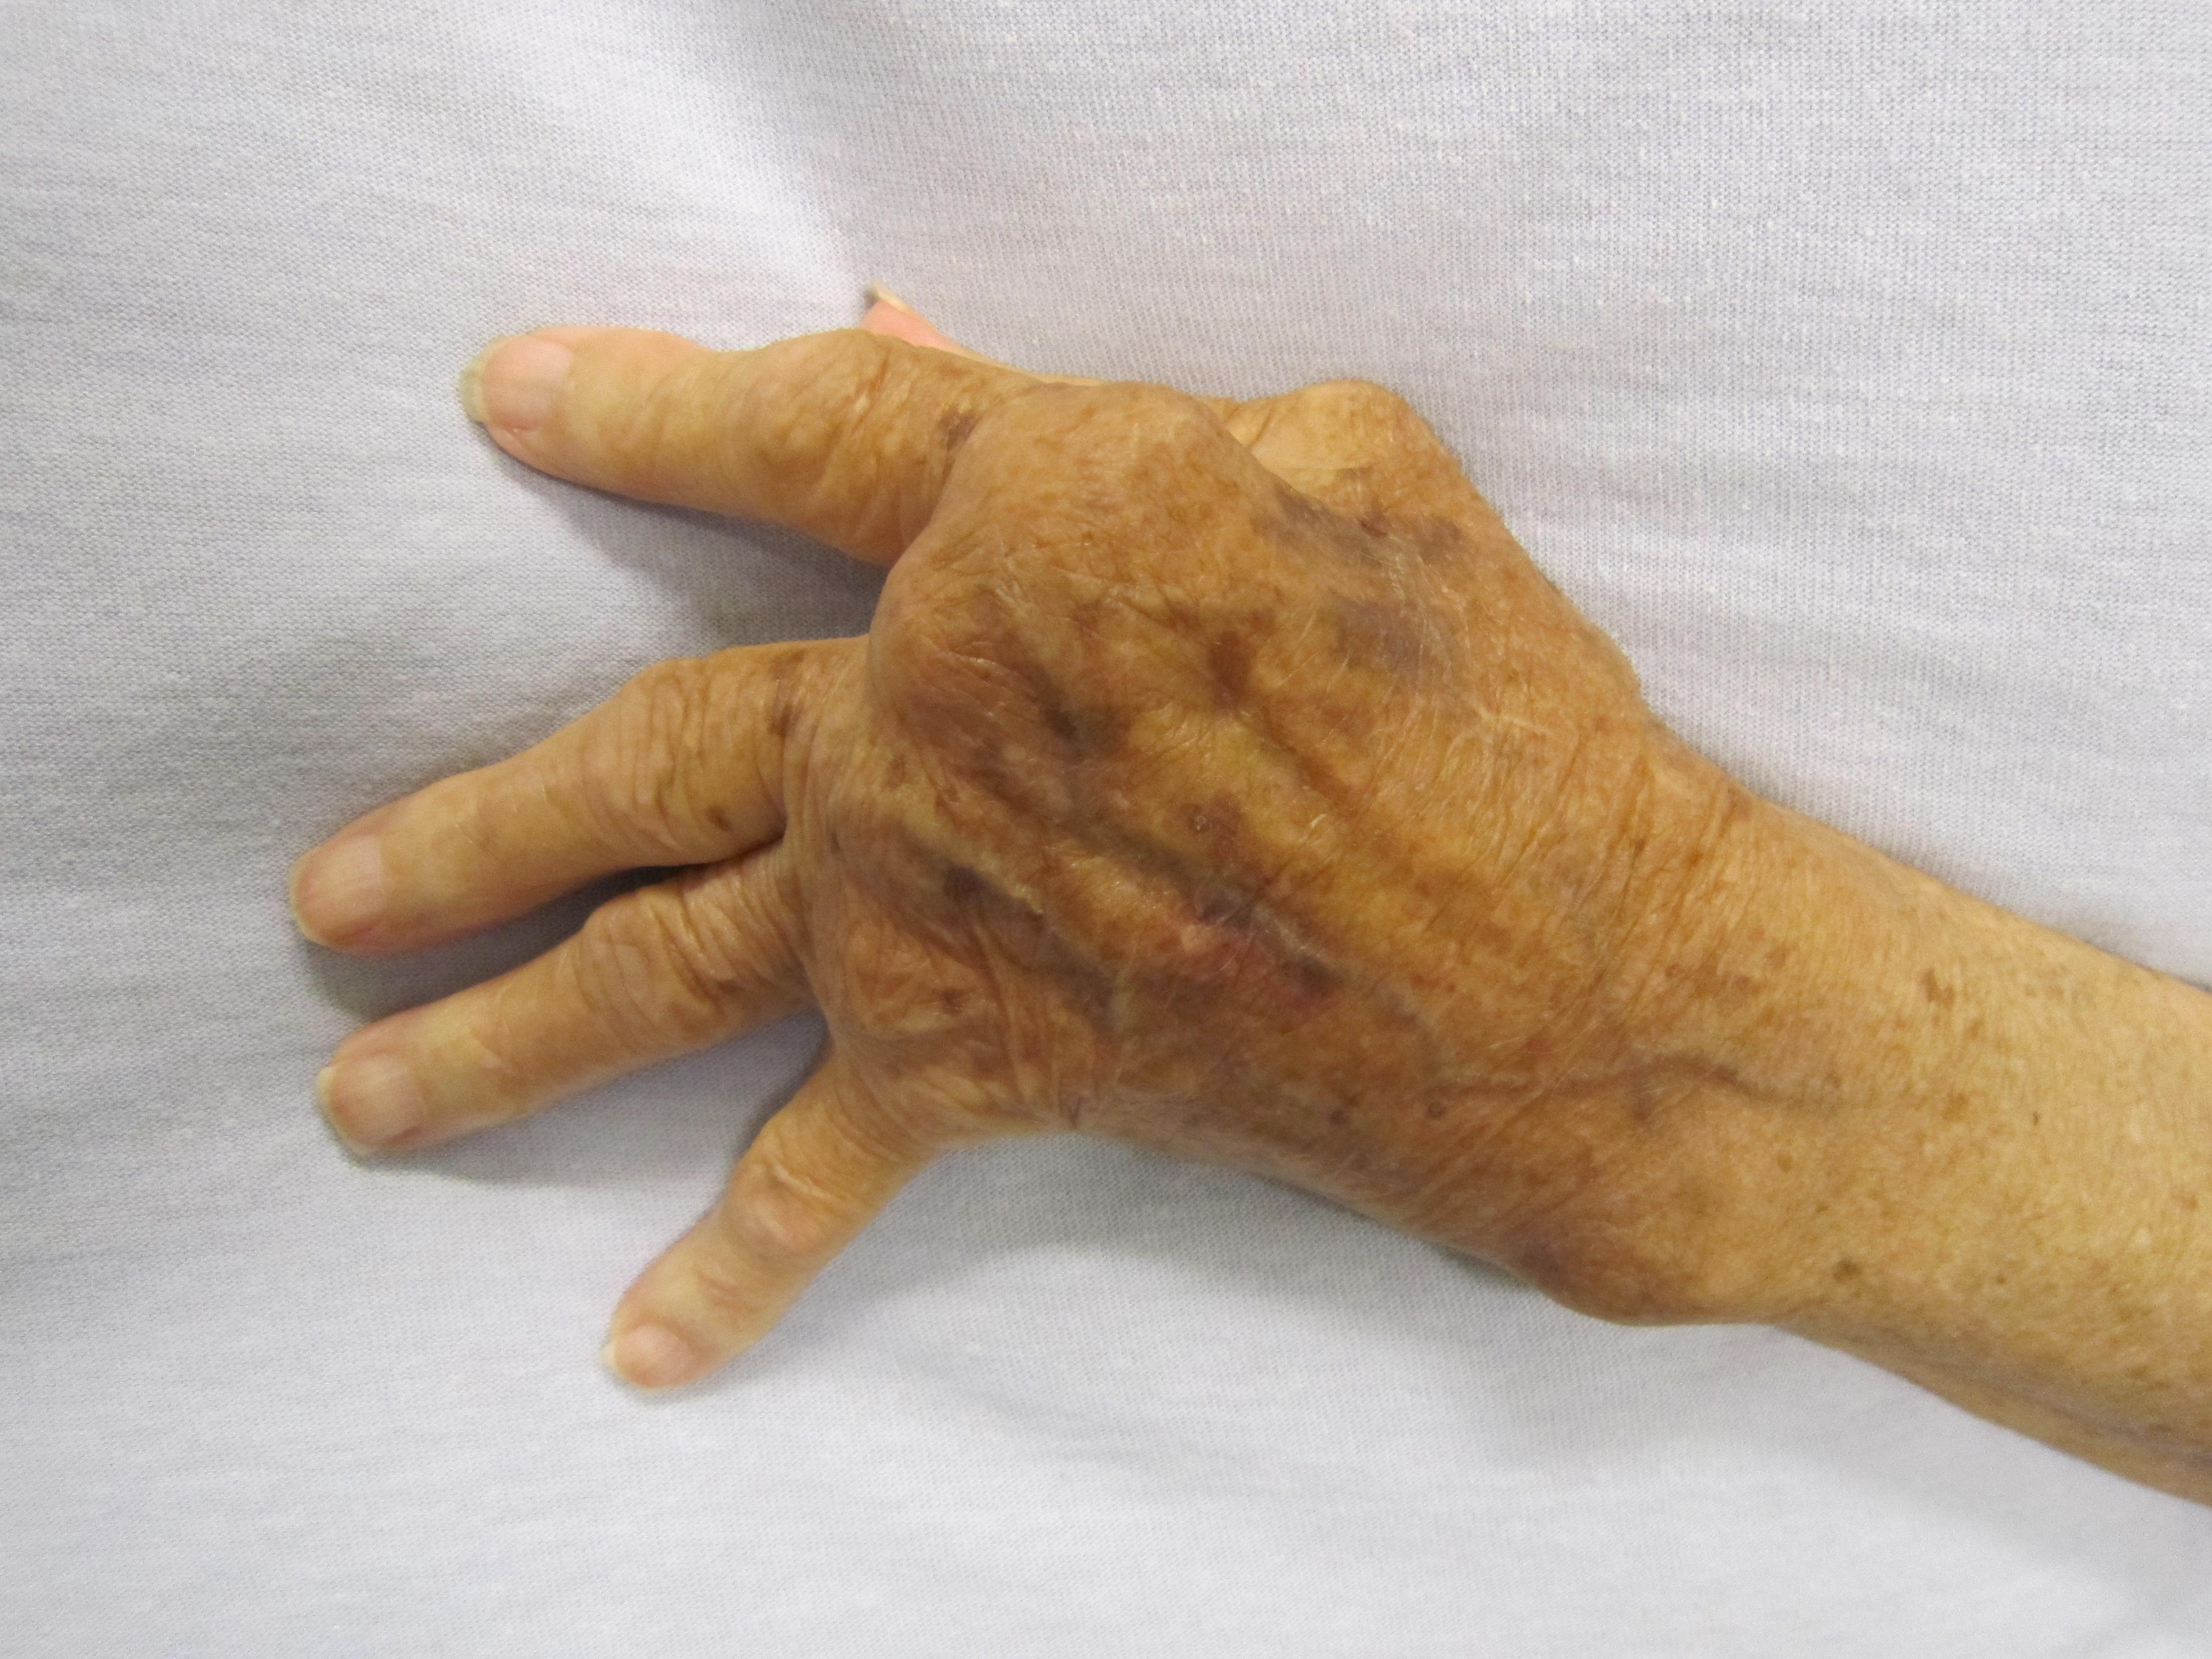 artritisz lábujjak kezelésére szolgáló tabletták